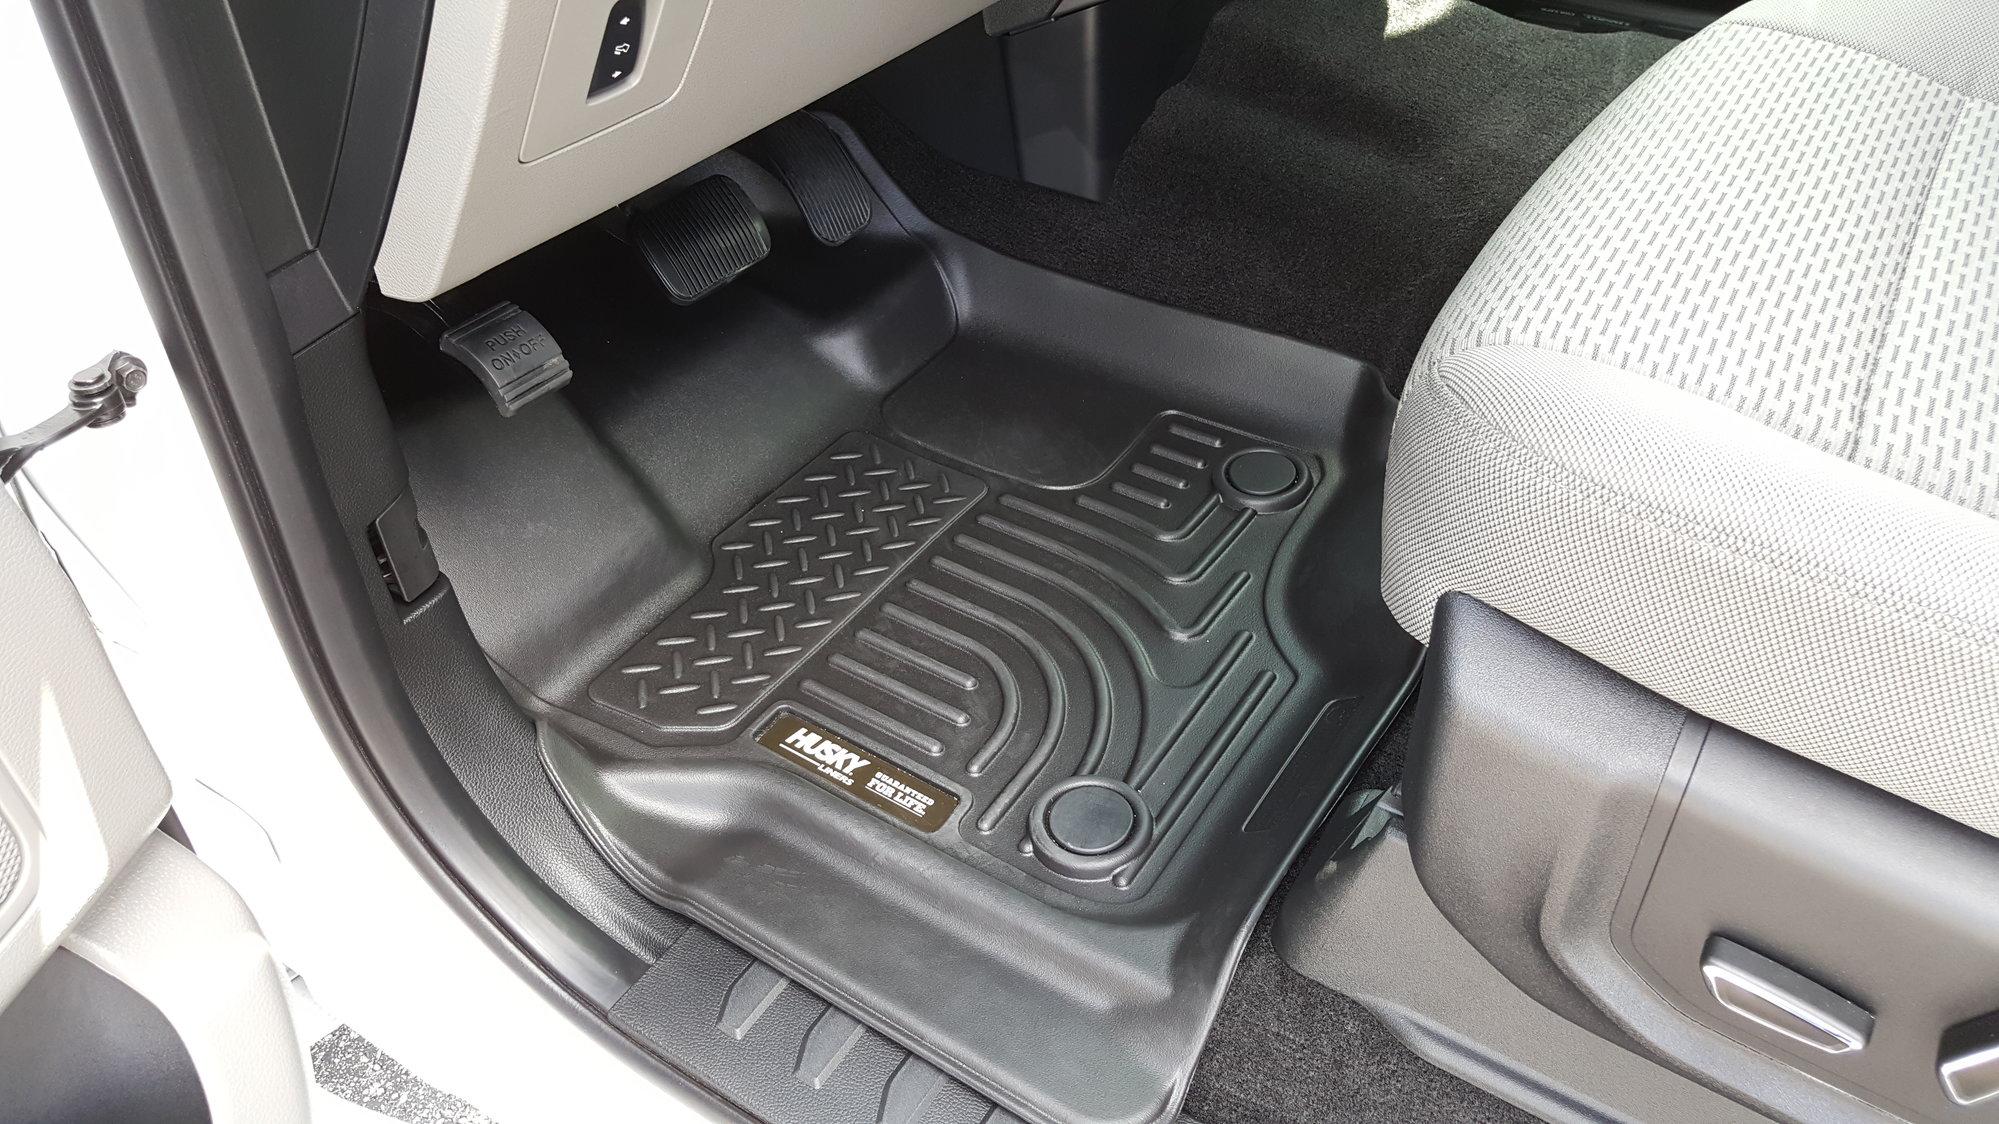 do weathertech mats  husky mats take away from a trucks